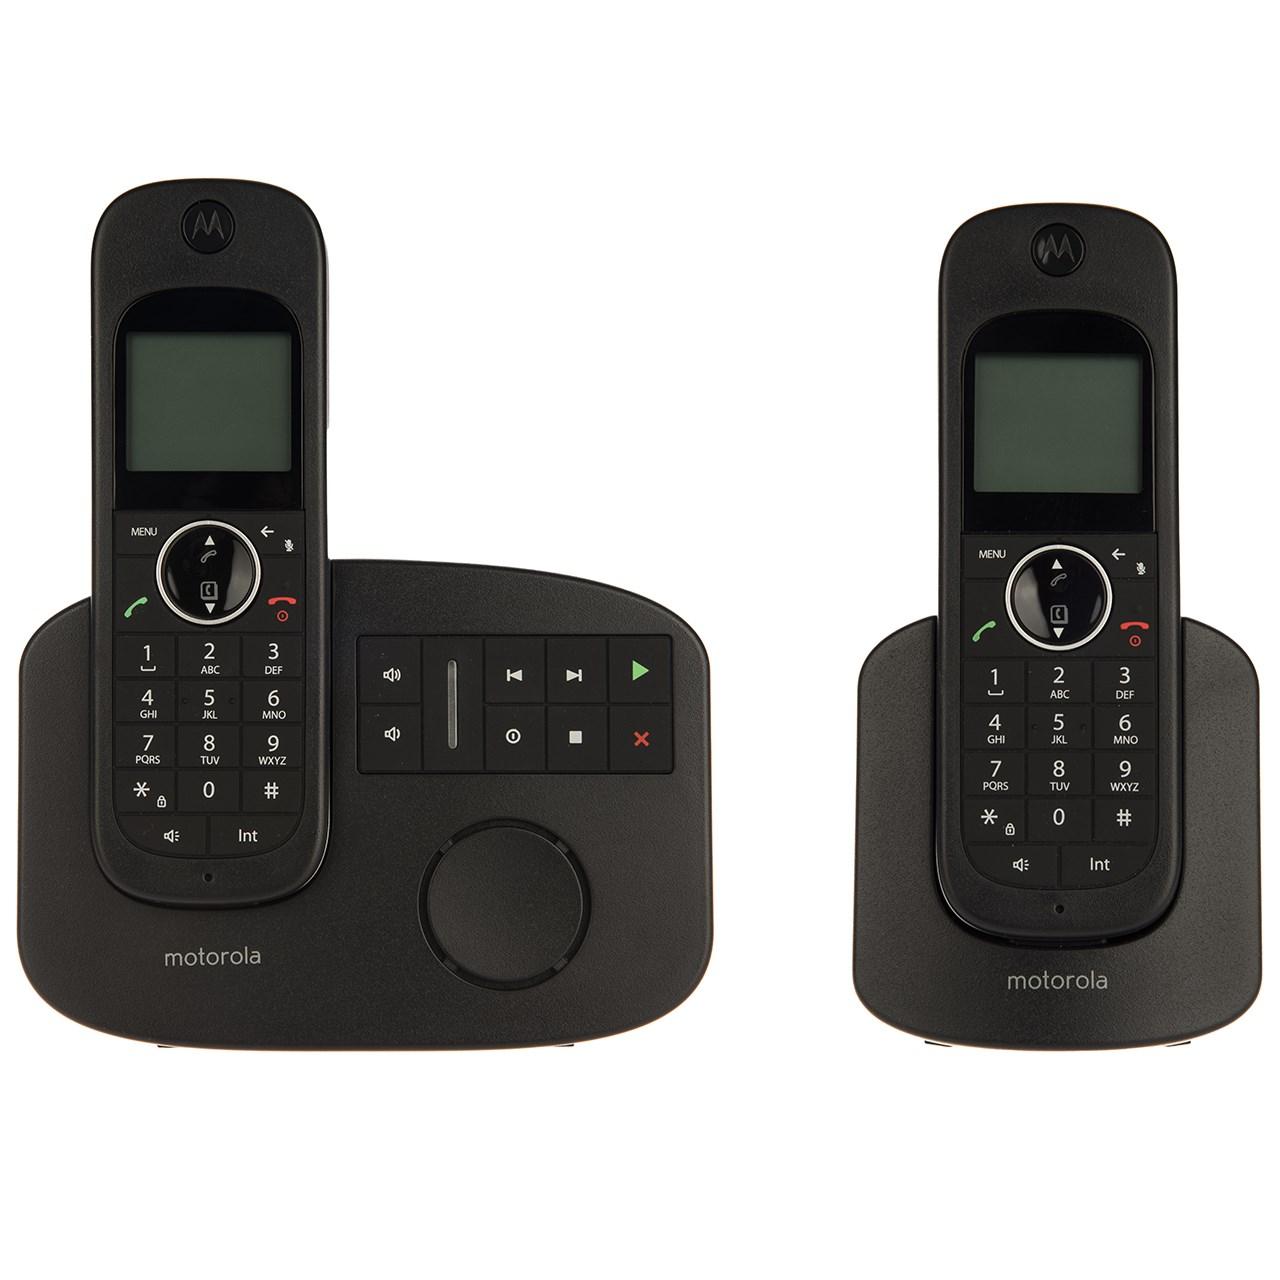 خرید                     تلفن بی سیم موتورولا مدل D1012